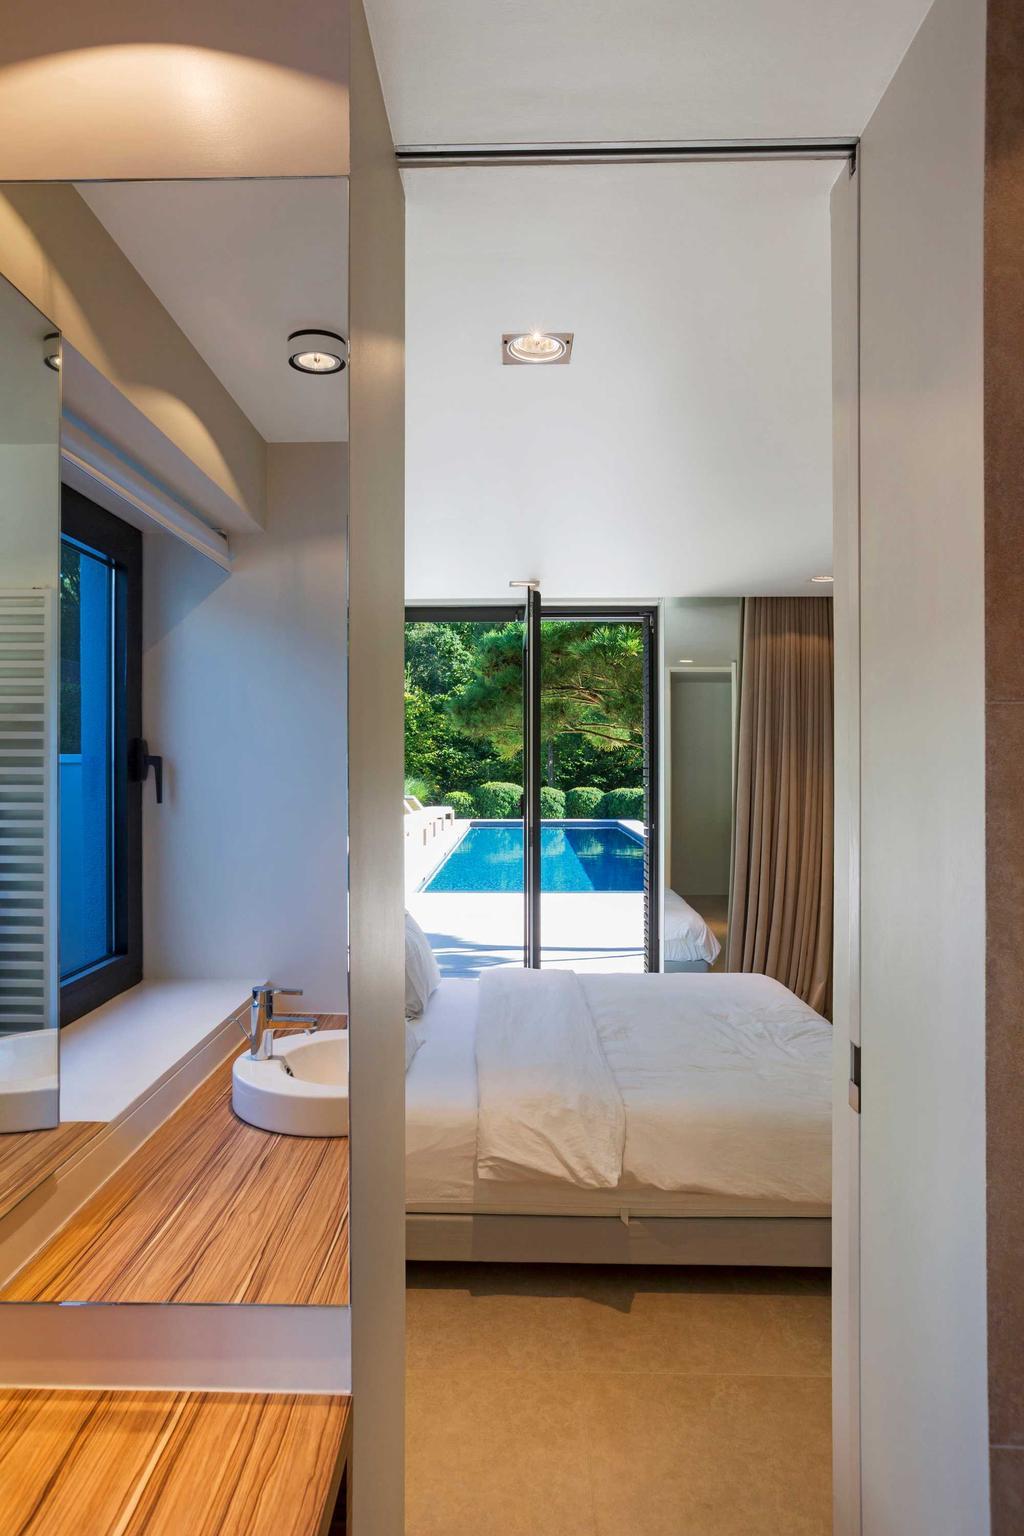 slaapkamer en zwembad